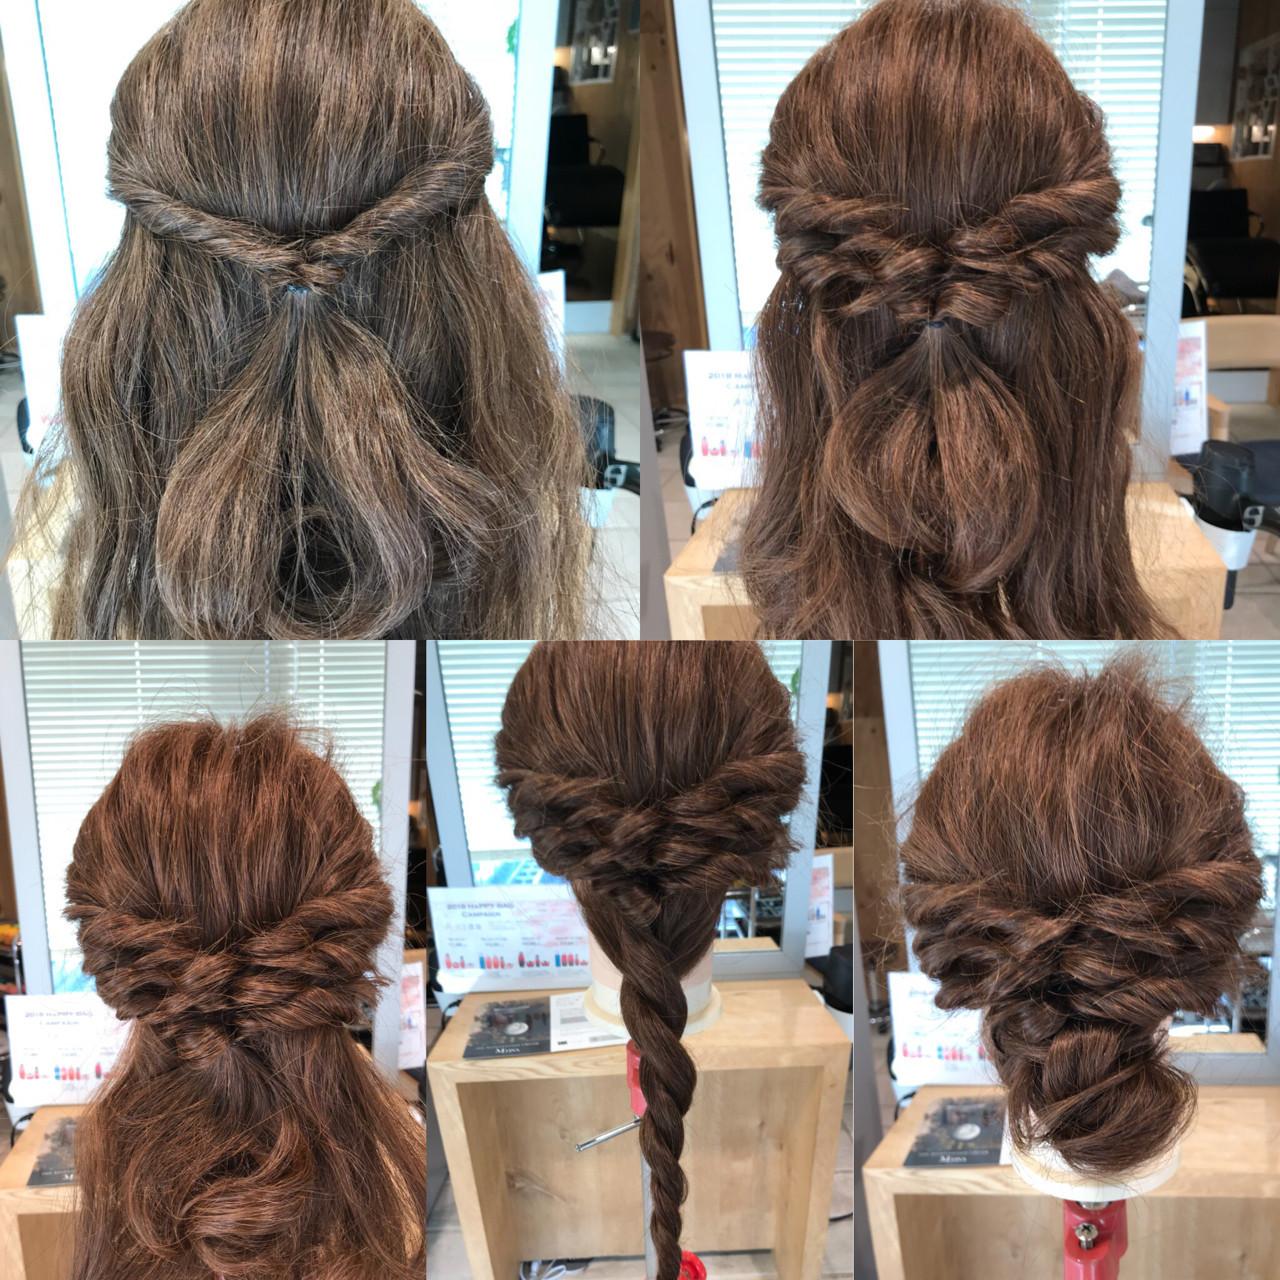 こって見える♪ナチュラルなまとめ髪スタイル YASU  hair salon M.plus ヨツバコ店 (ヘアーサロン エムプラス)